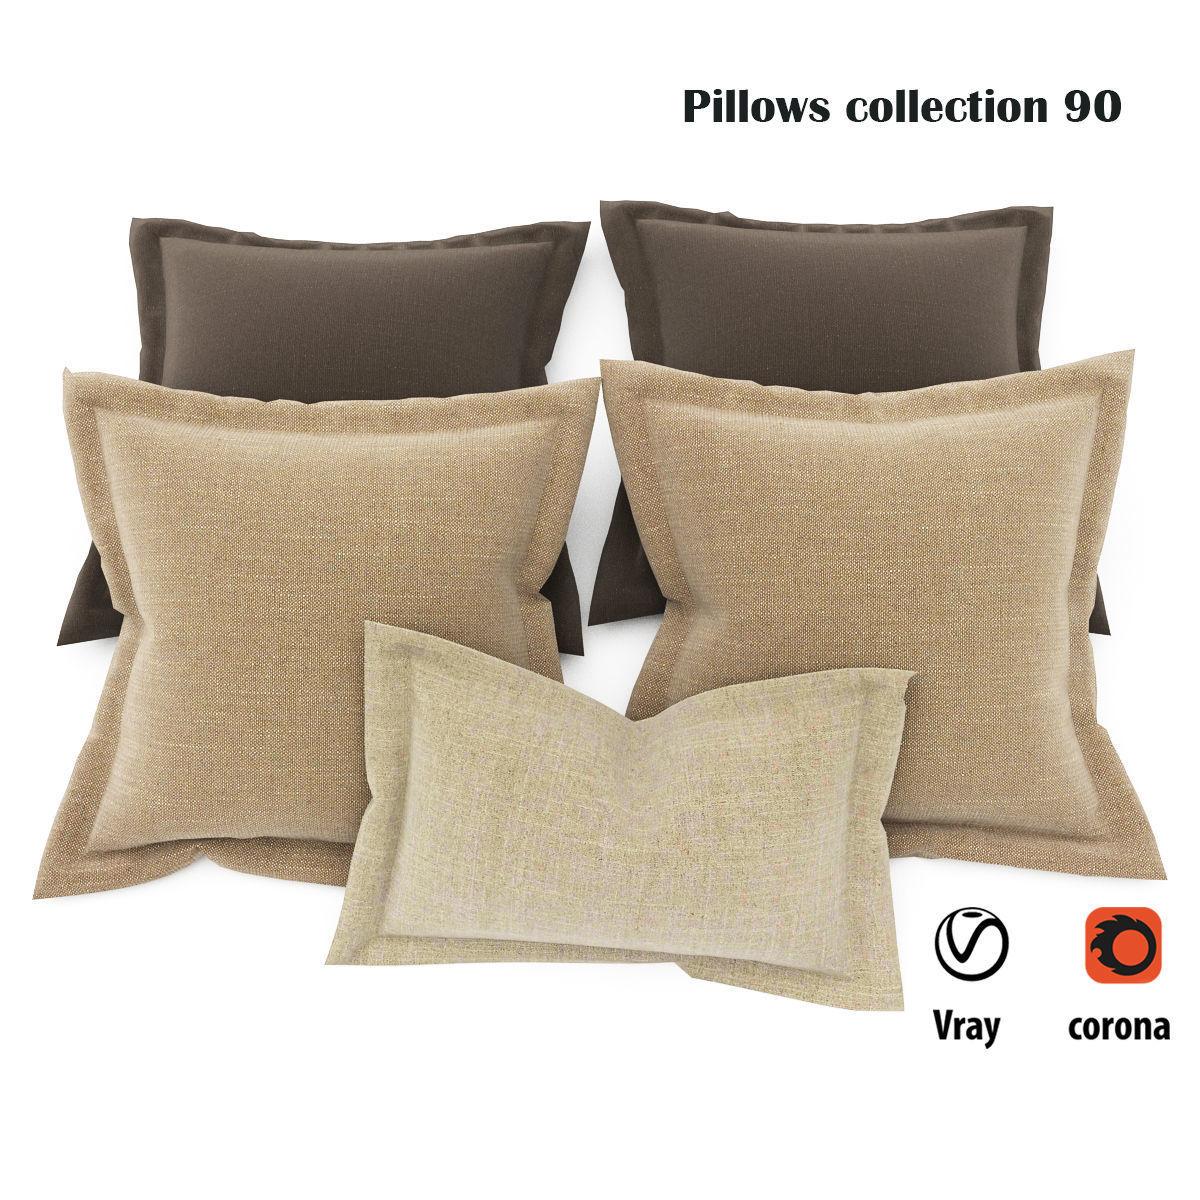 Pillows collection 90